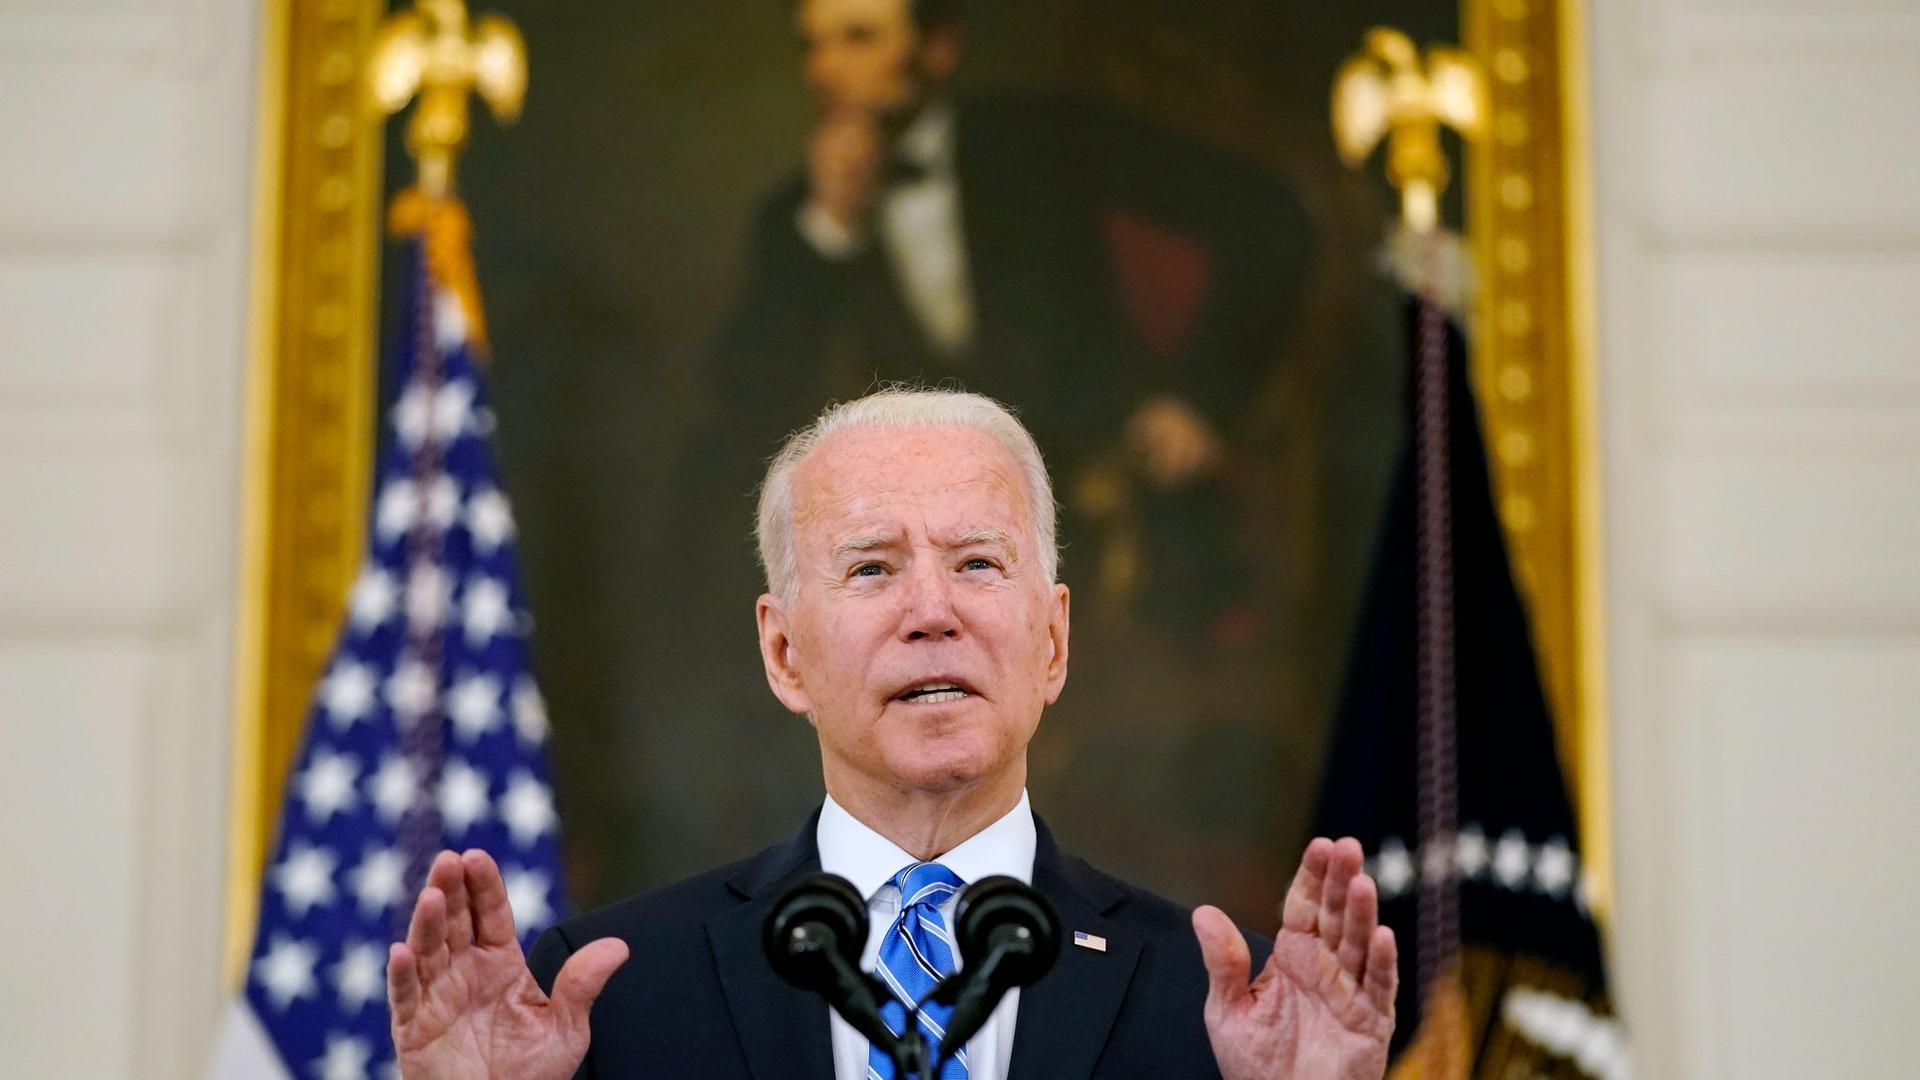 Beim Votum über das gewaltige Infrastrukturpaket ist US-Präsident Joe Biden auch auf Stimmen der Republikaner angewiesen.